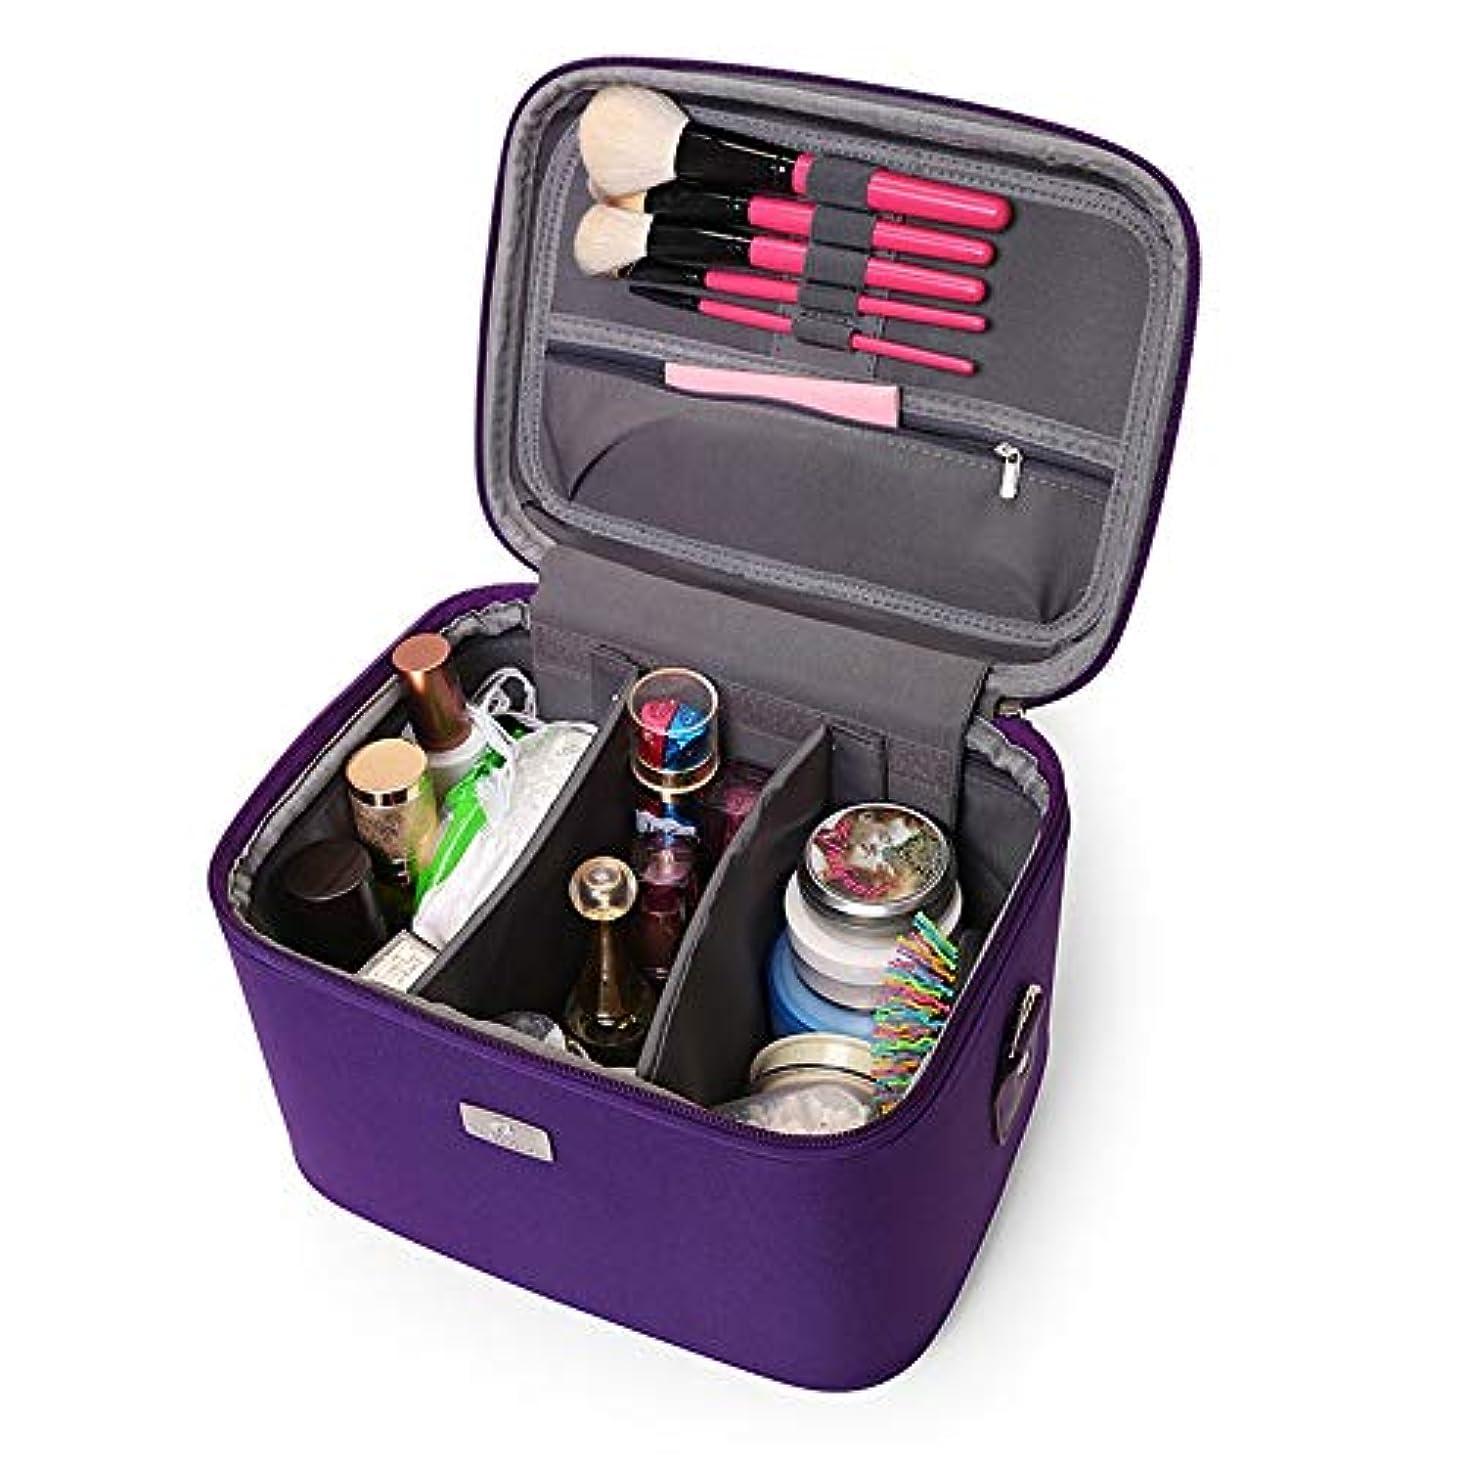 資格情報流す抵当化粧オーガナイザーバッグ 14インチのメイクアップトラベルバッグPUレター防水化粧ケースのティーン女の子の女性アーティスト 化粧品ケース (色 : 紫の)